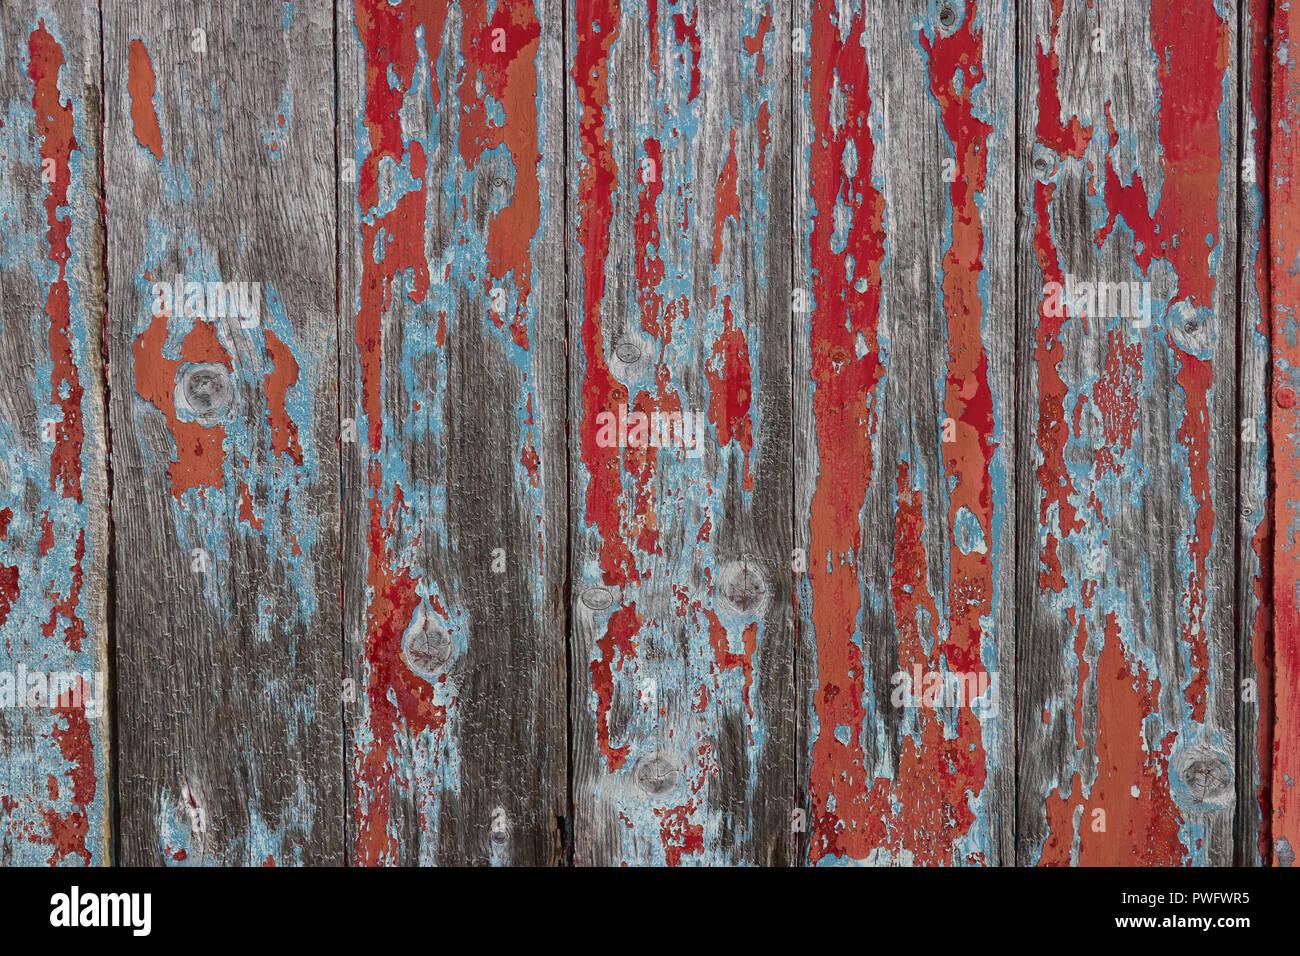 Peinture Bois Gris Patiné vieille porte en bois patiné gris vertical construit de